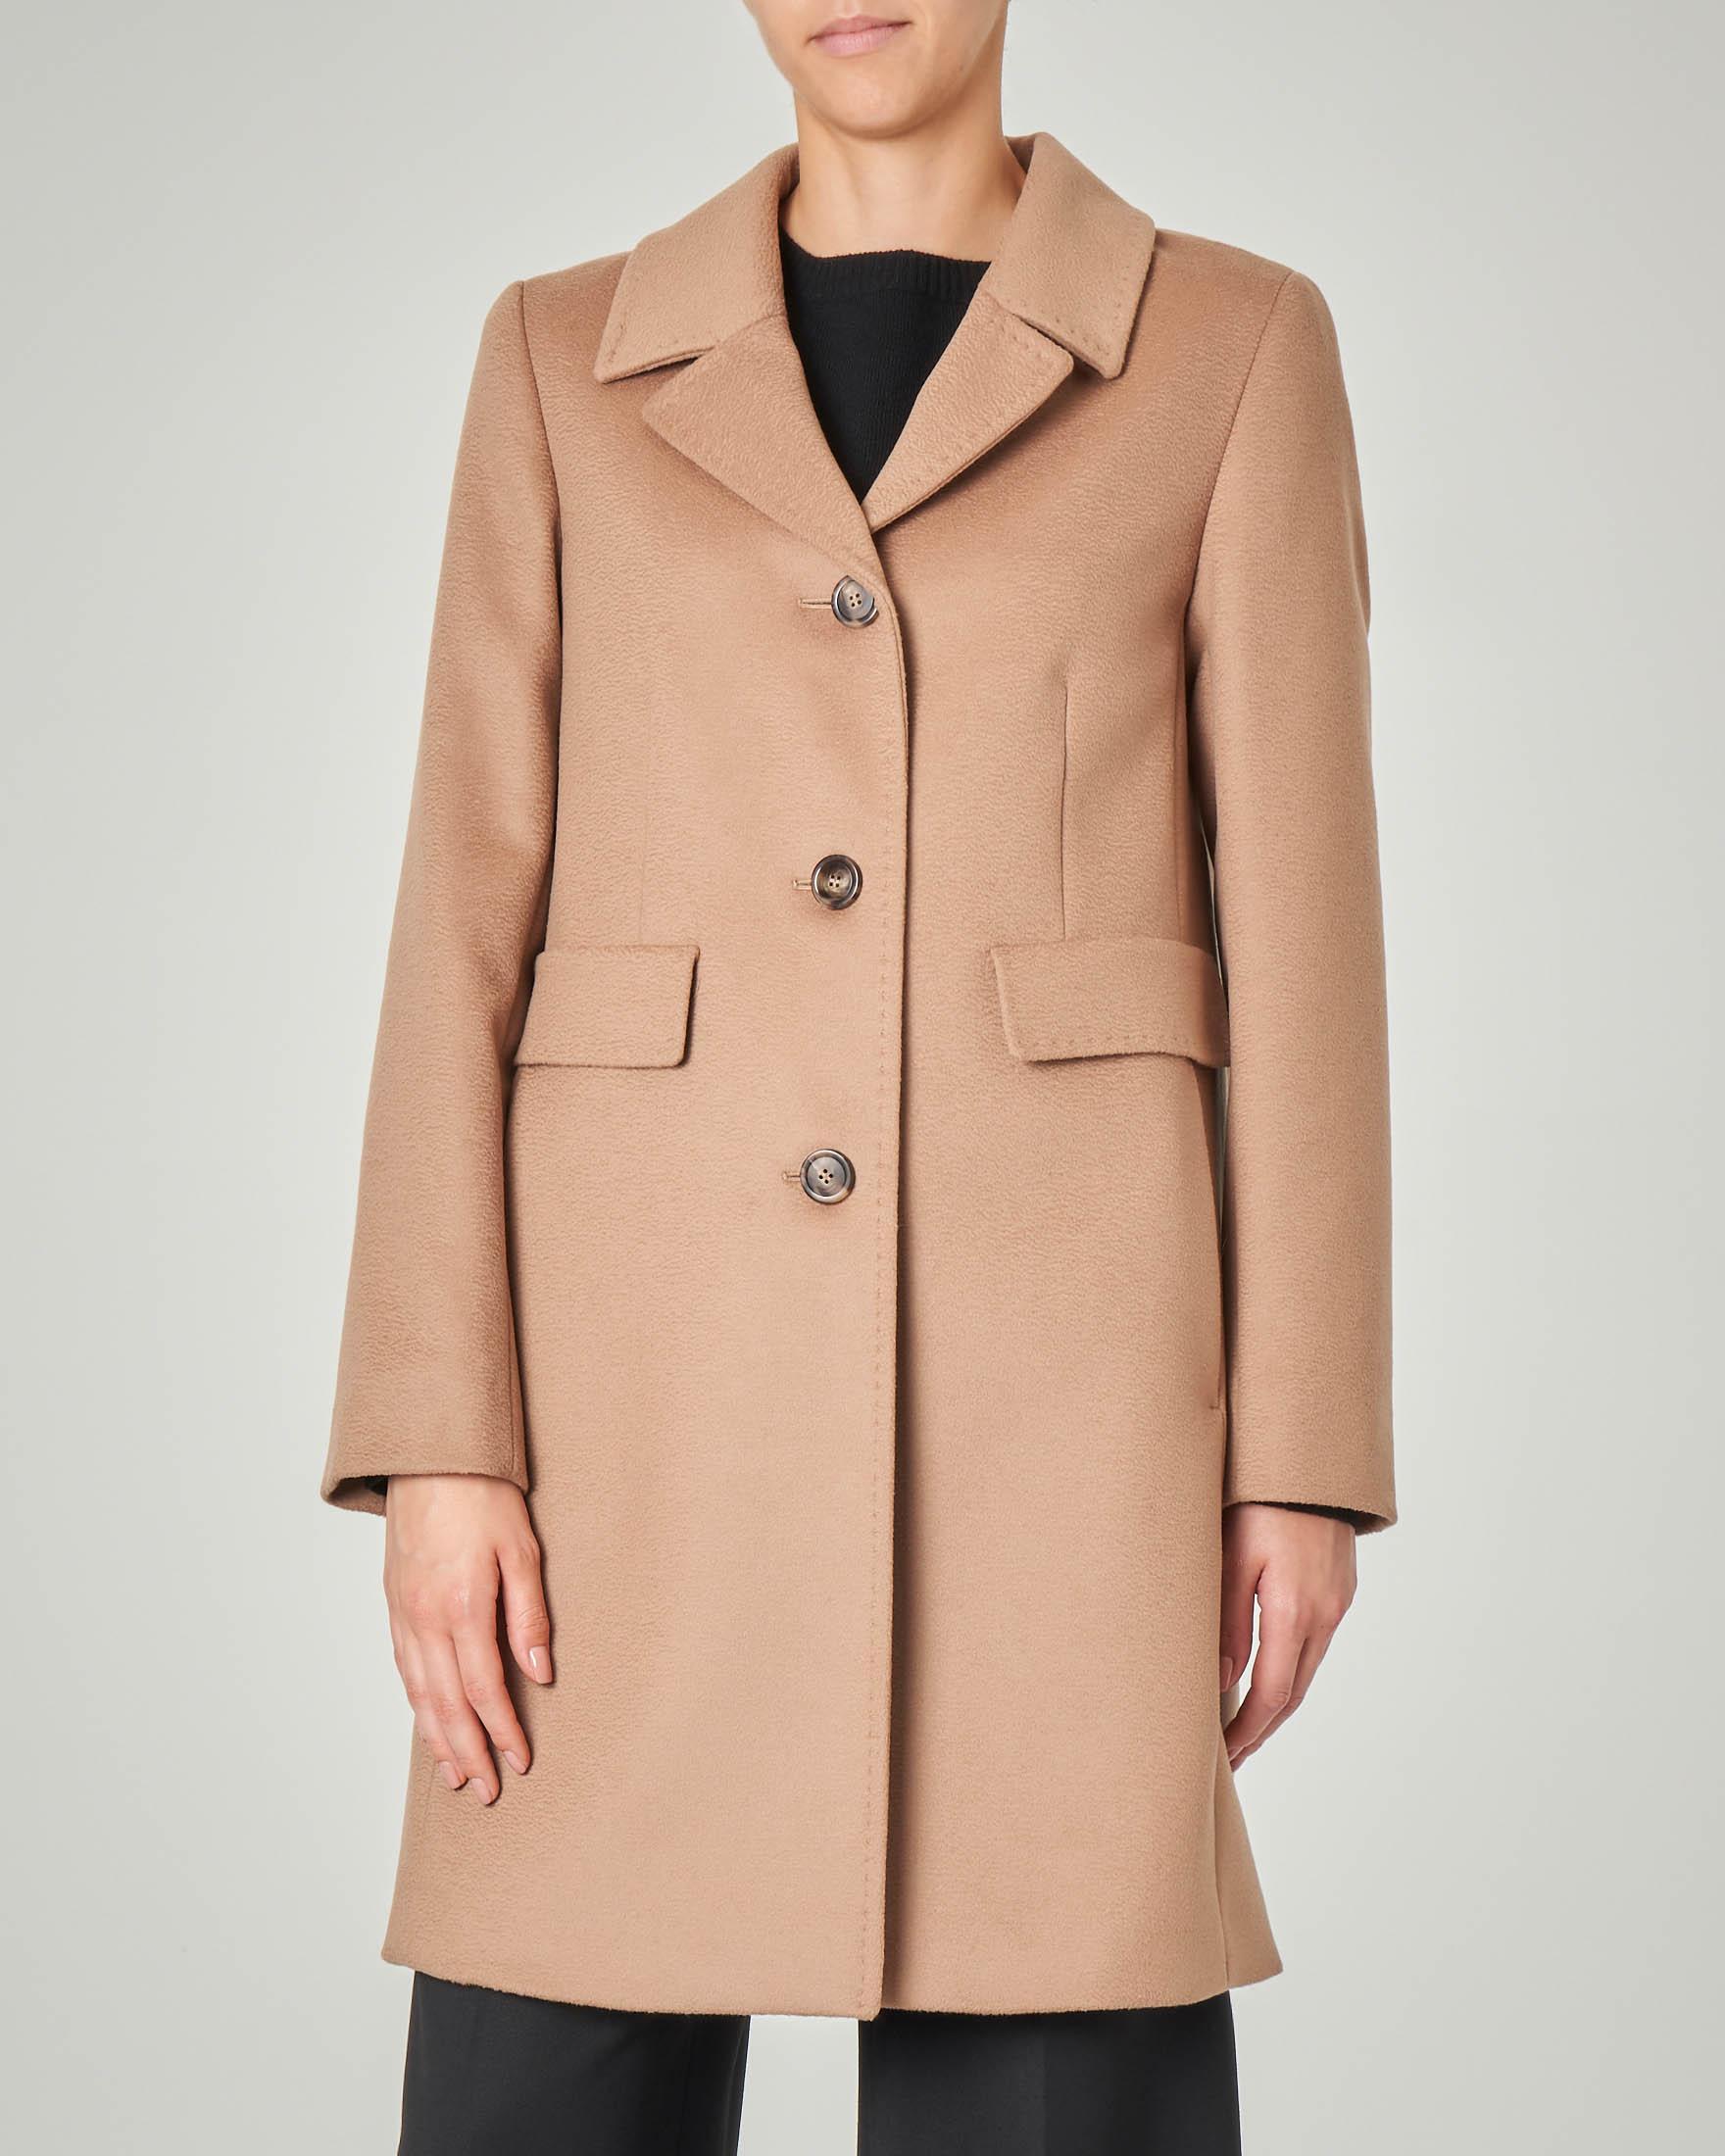 Cappotto color cammello in pura lana vergine con collo a rever